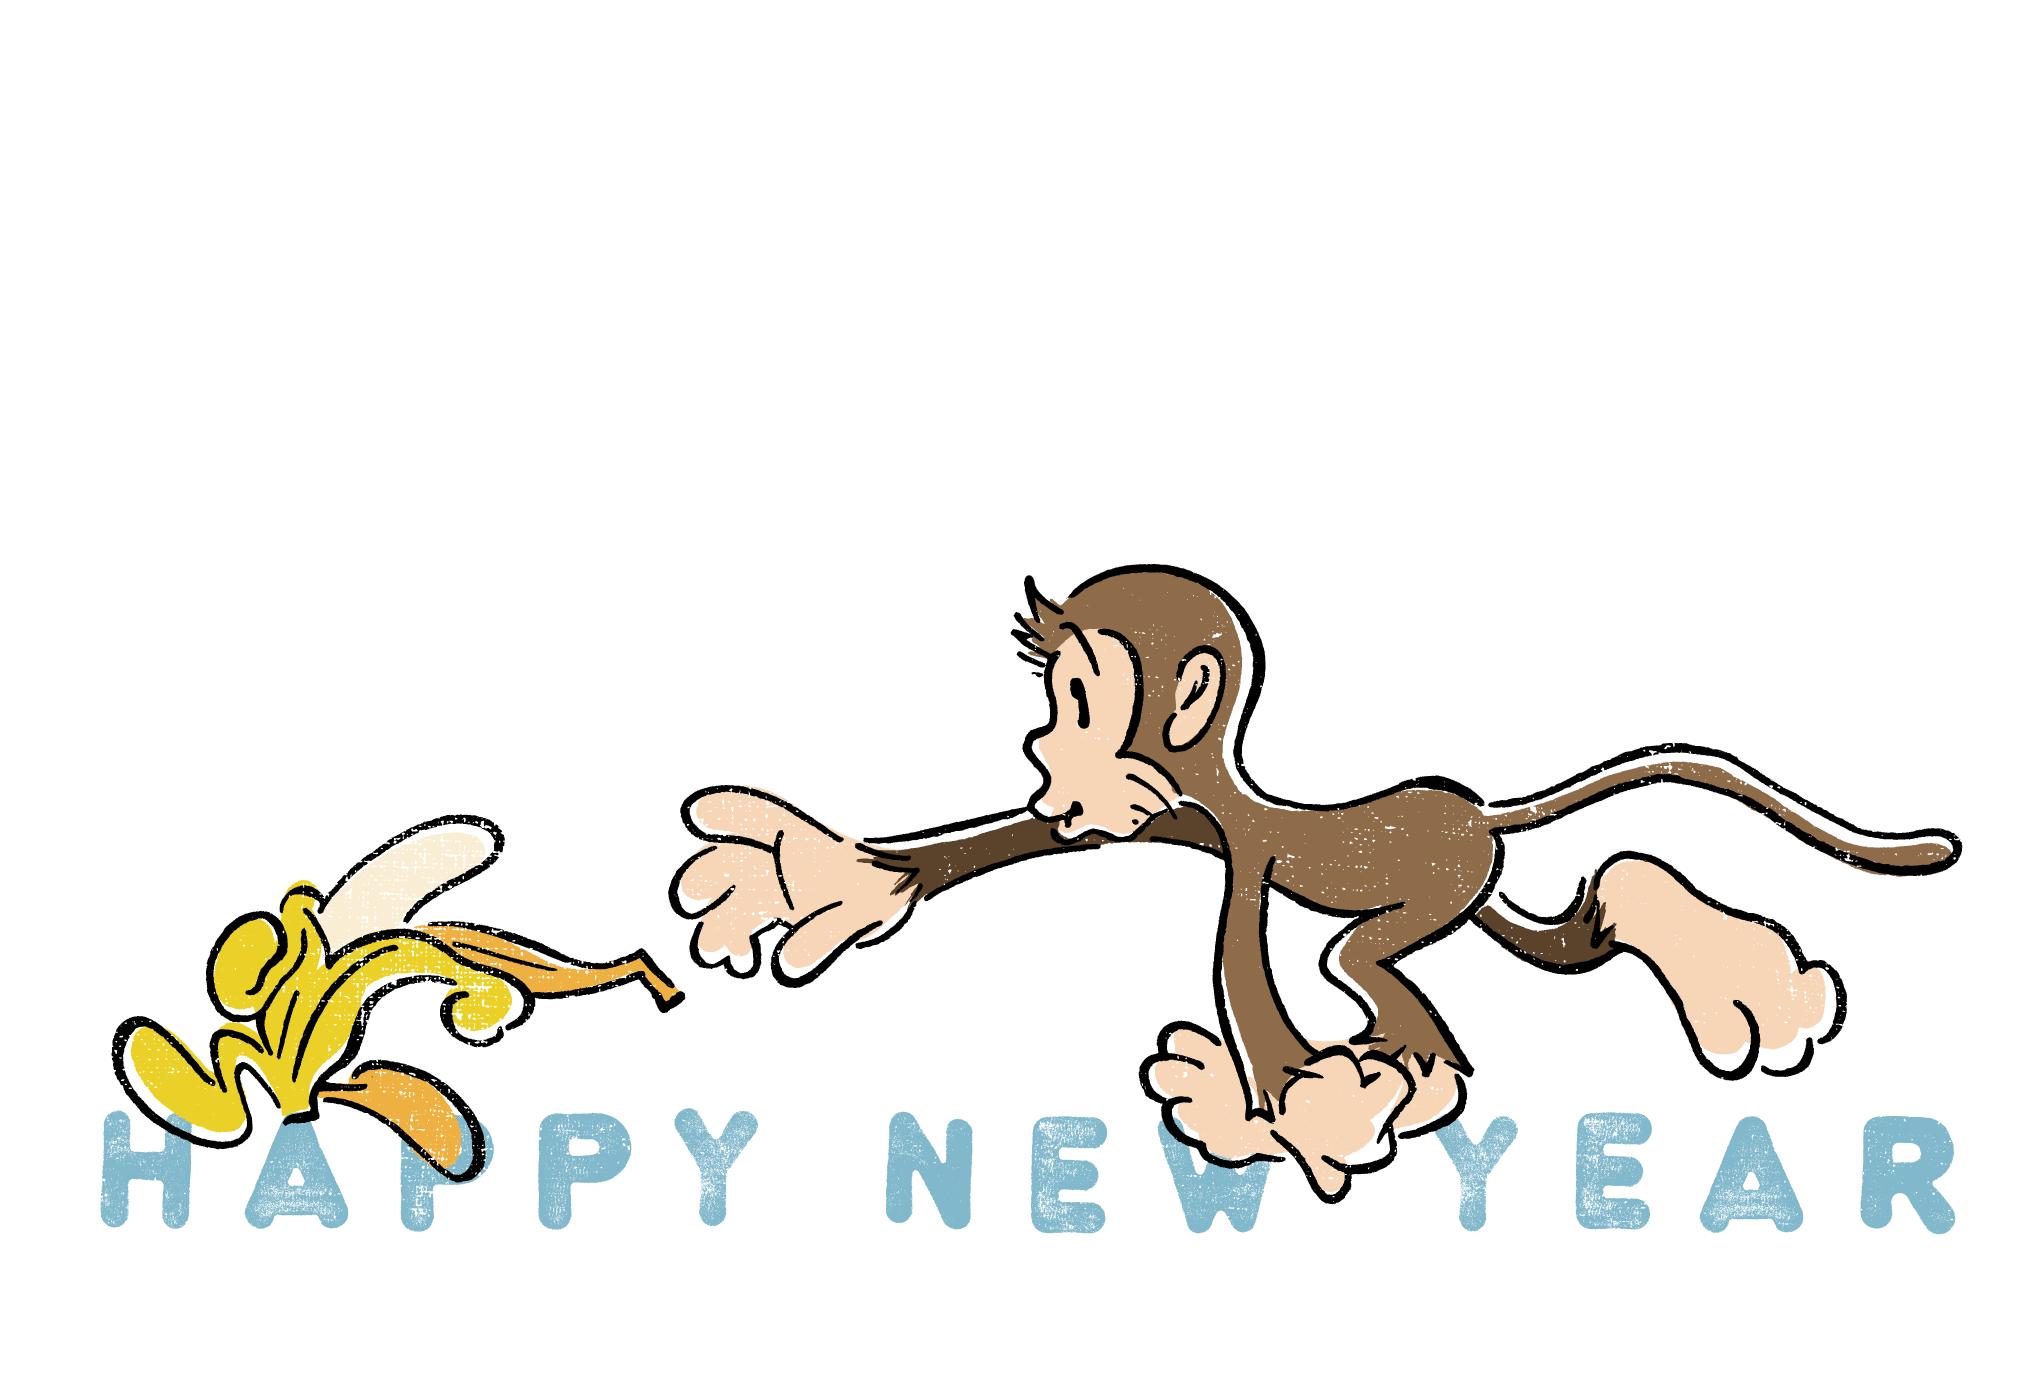 2016年賀状10-1:Banana escape / redraw 1のダウンロード画像